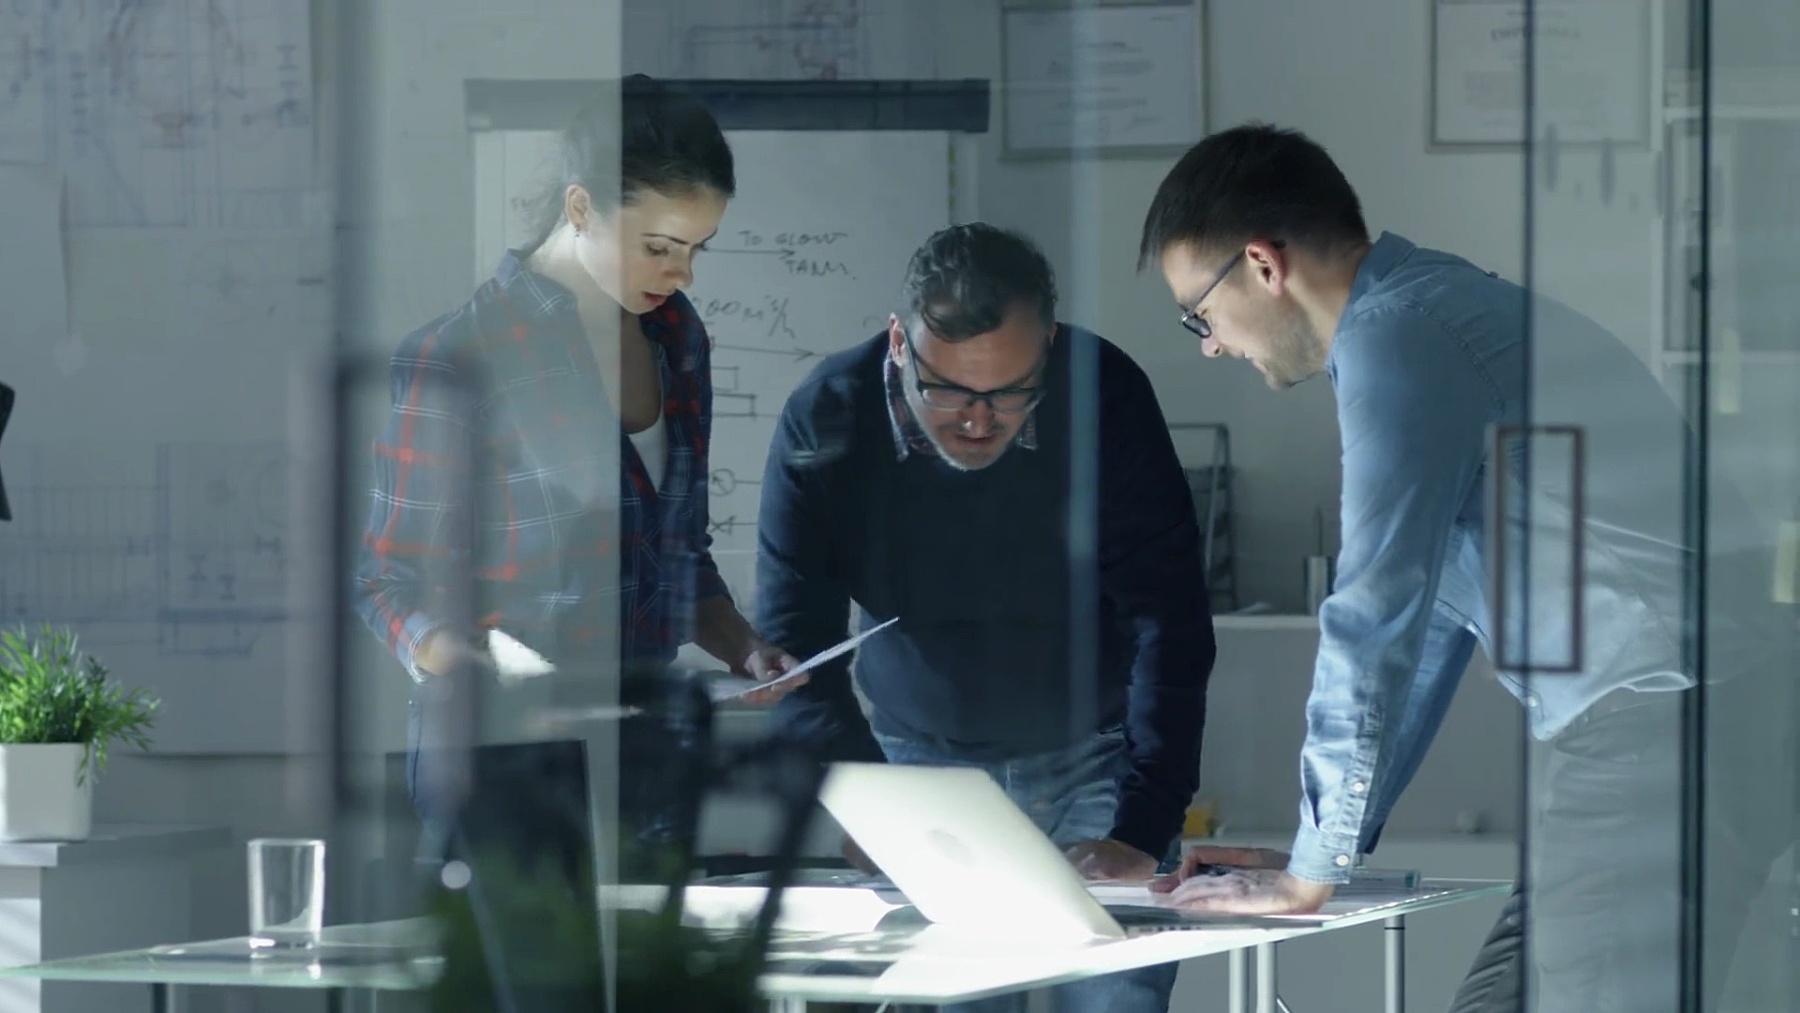 深夜设计工程师团队在一个项目上工作。他们在一张照亮的会议桌上工作,上面有文件、蓝图和笔记本电脑。